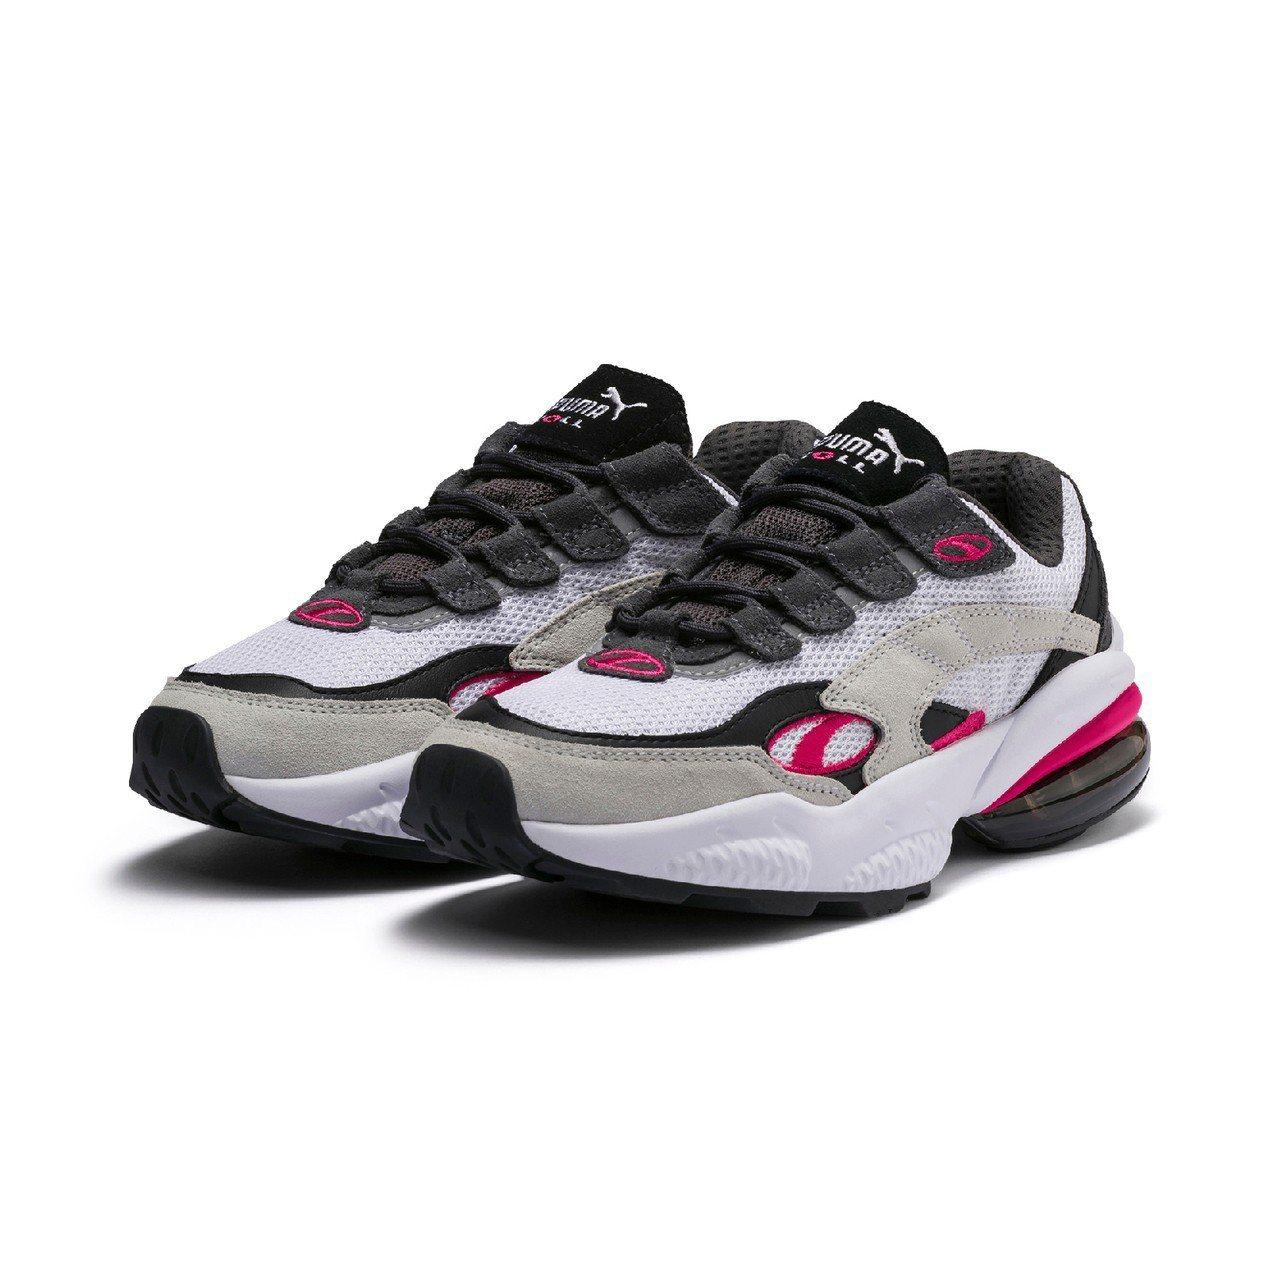 Puma Cell Venom女款慢跑鞋,3,680元。圖/Puma提供